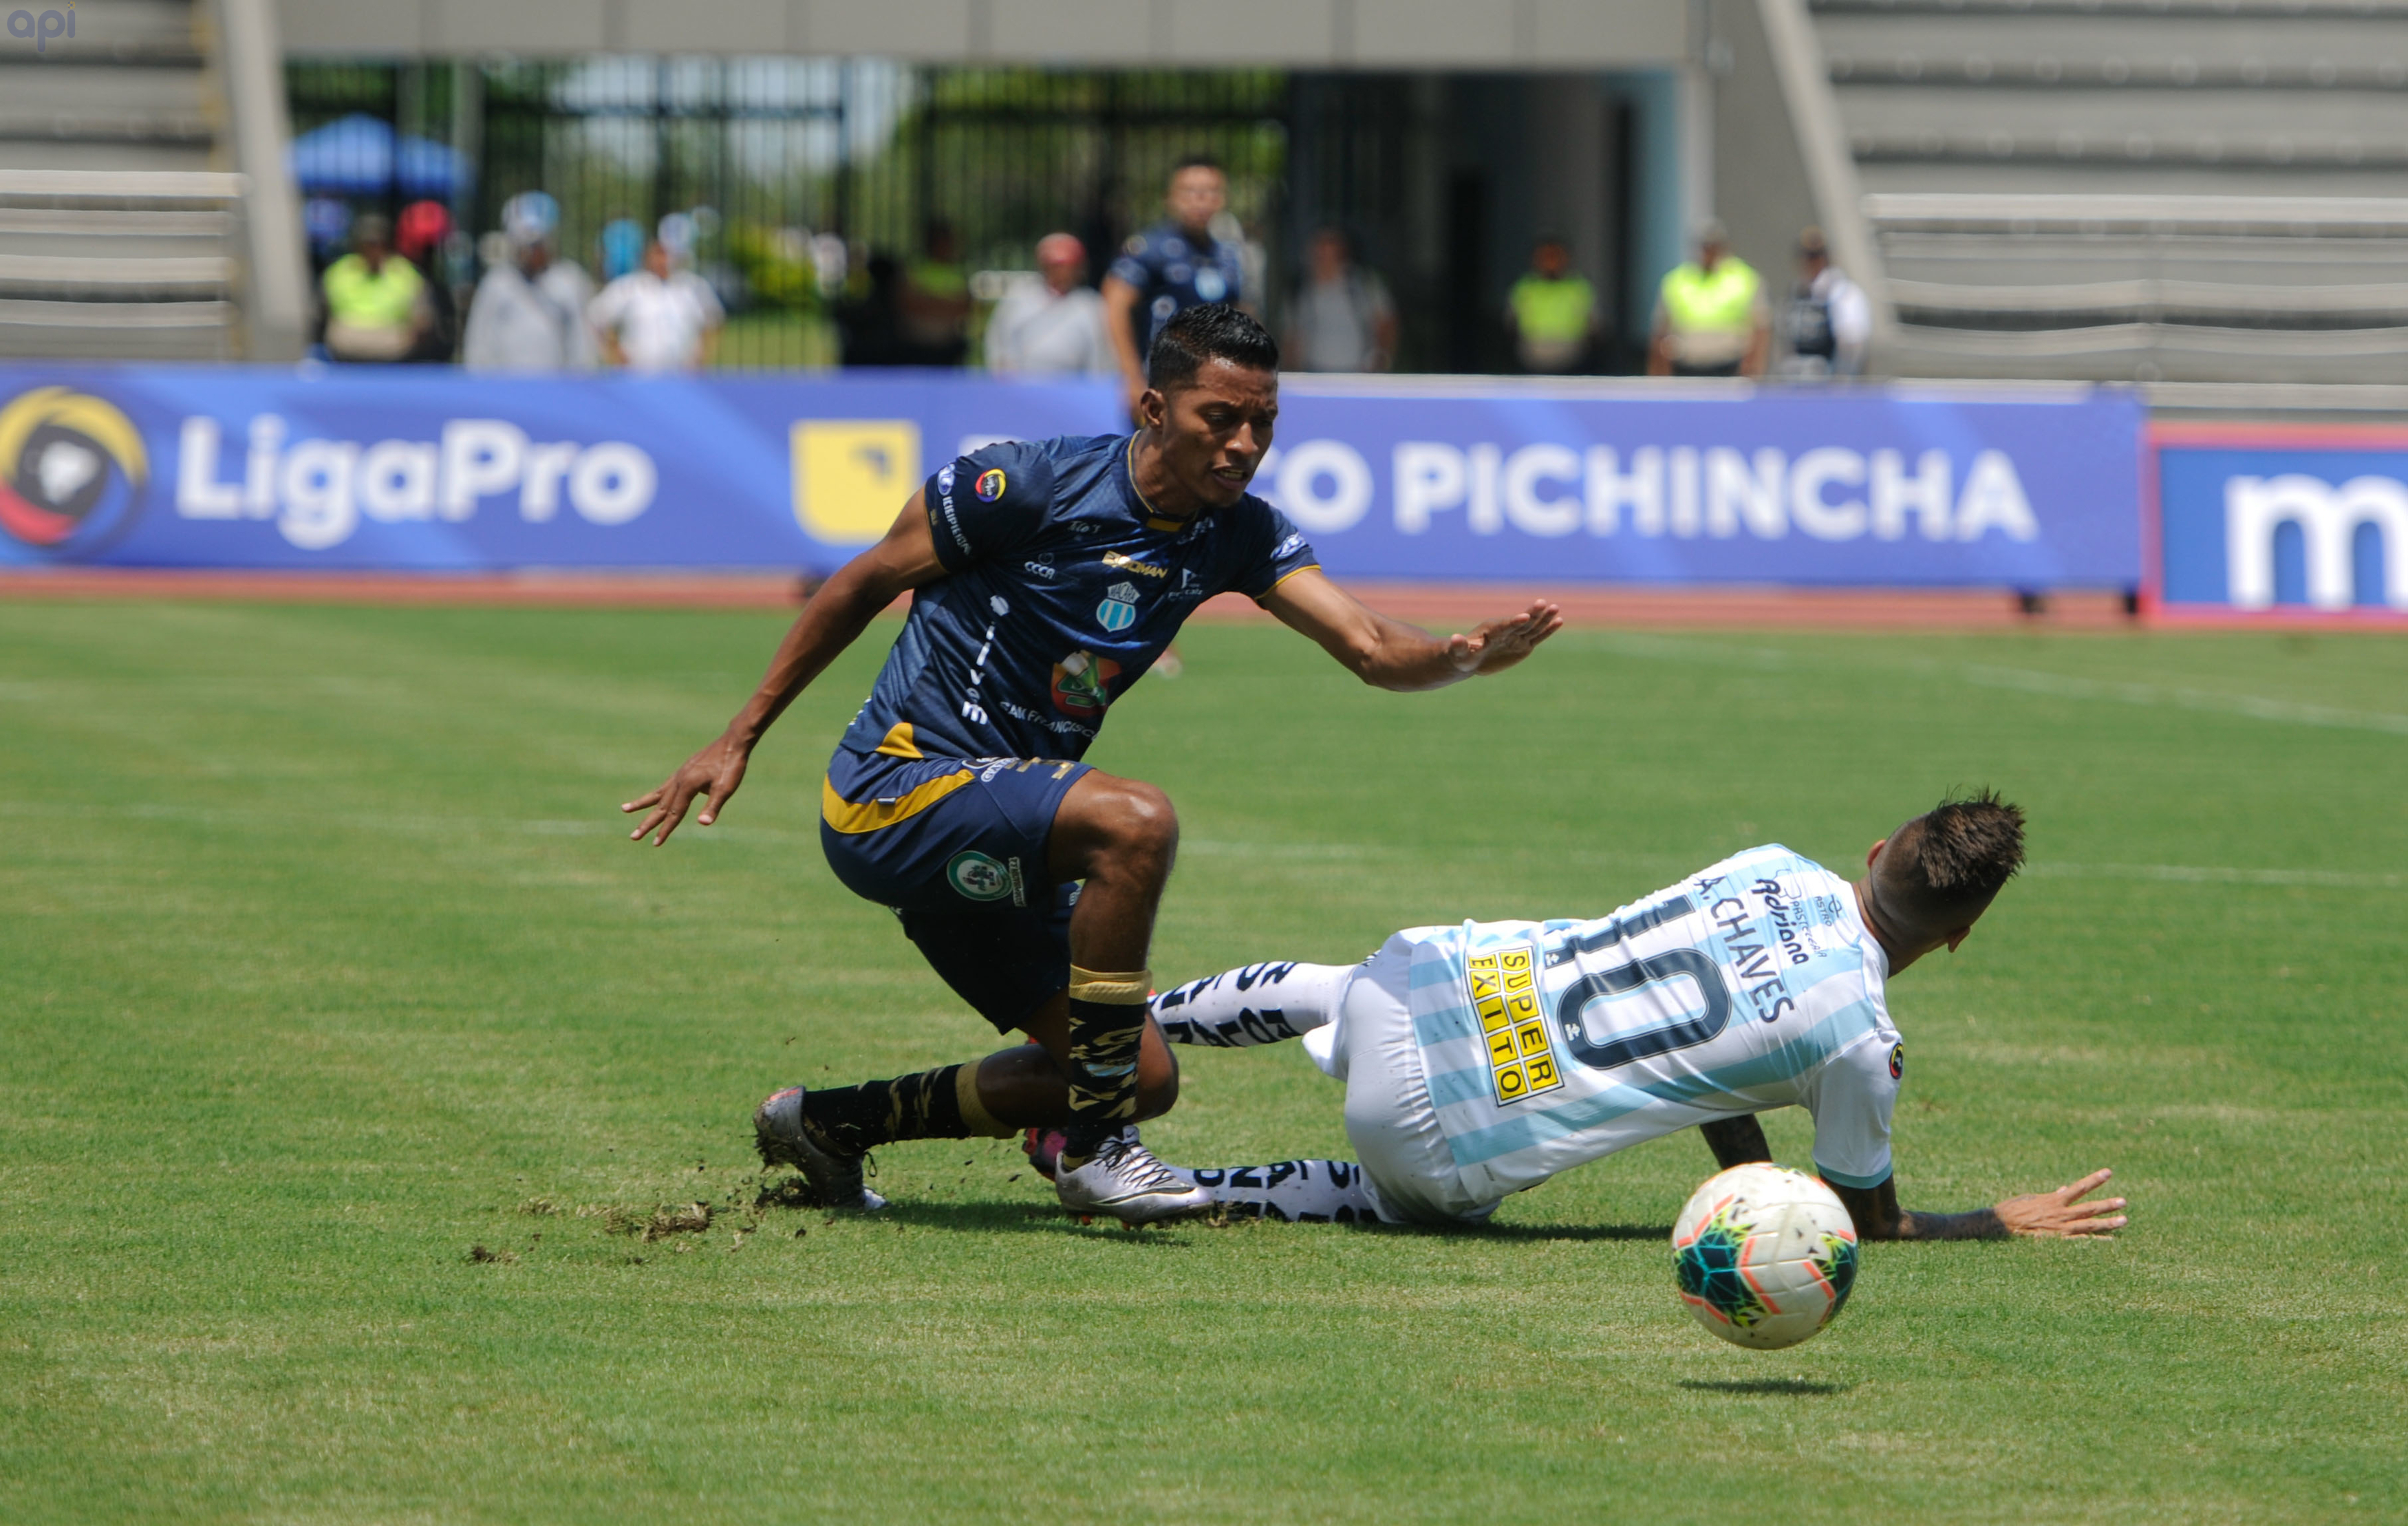 El defensor hizo uso de su acuerdo contractual y se integrará al Deportes Tolima